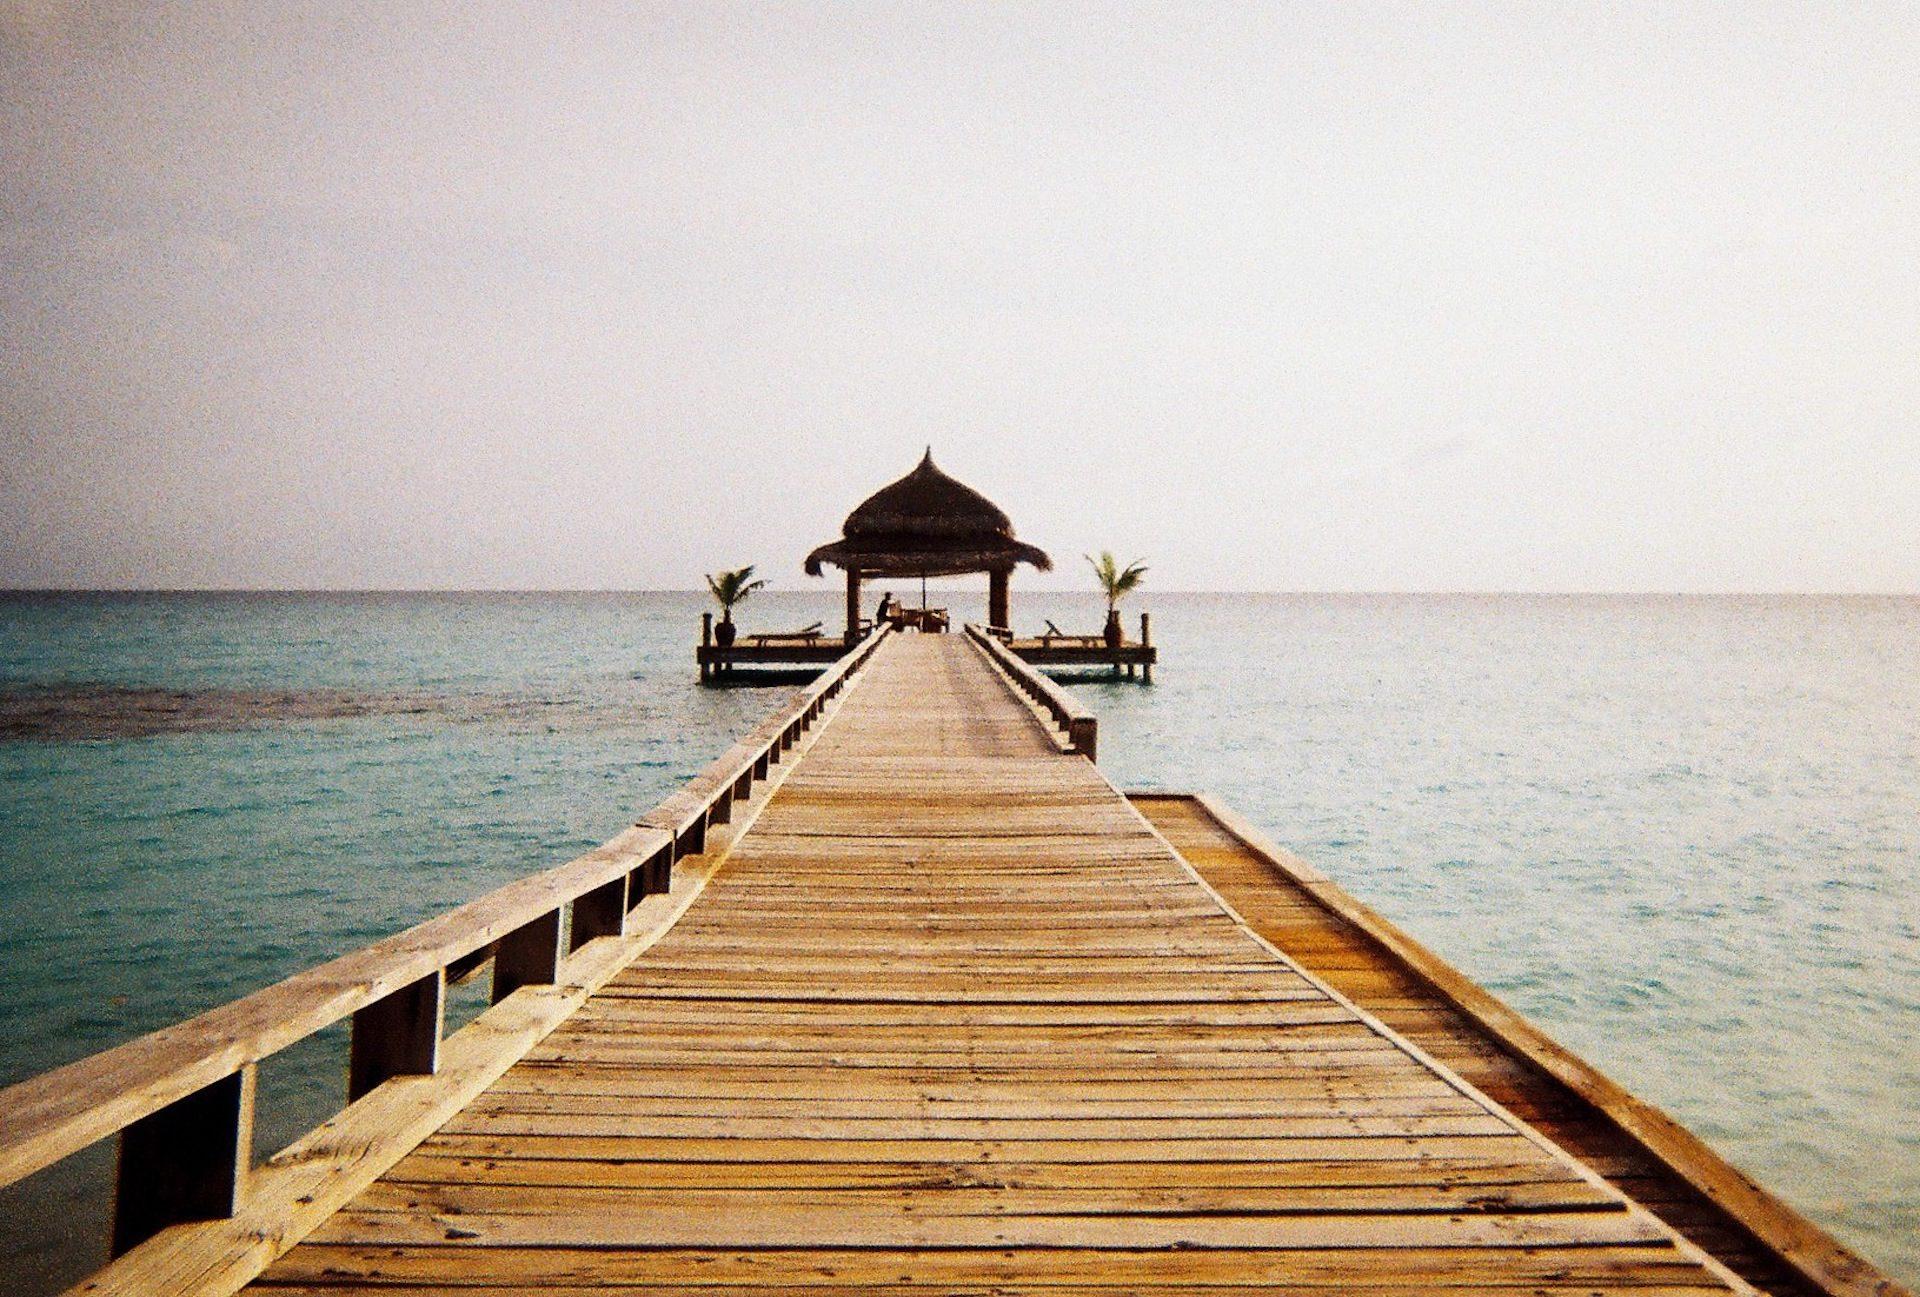 马尔代夫, 海滩, 端口, 木材, 休息, 放松 - 高清壁纸 - 教授-falken.com